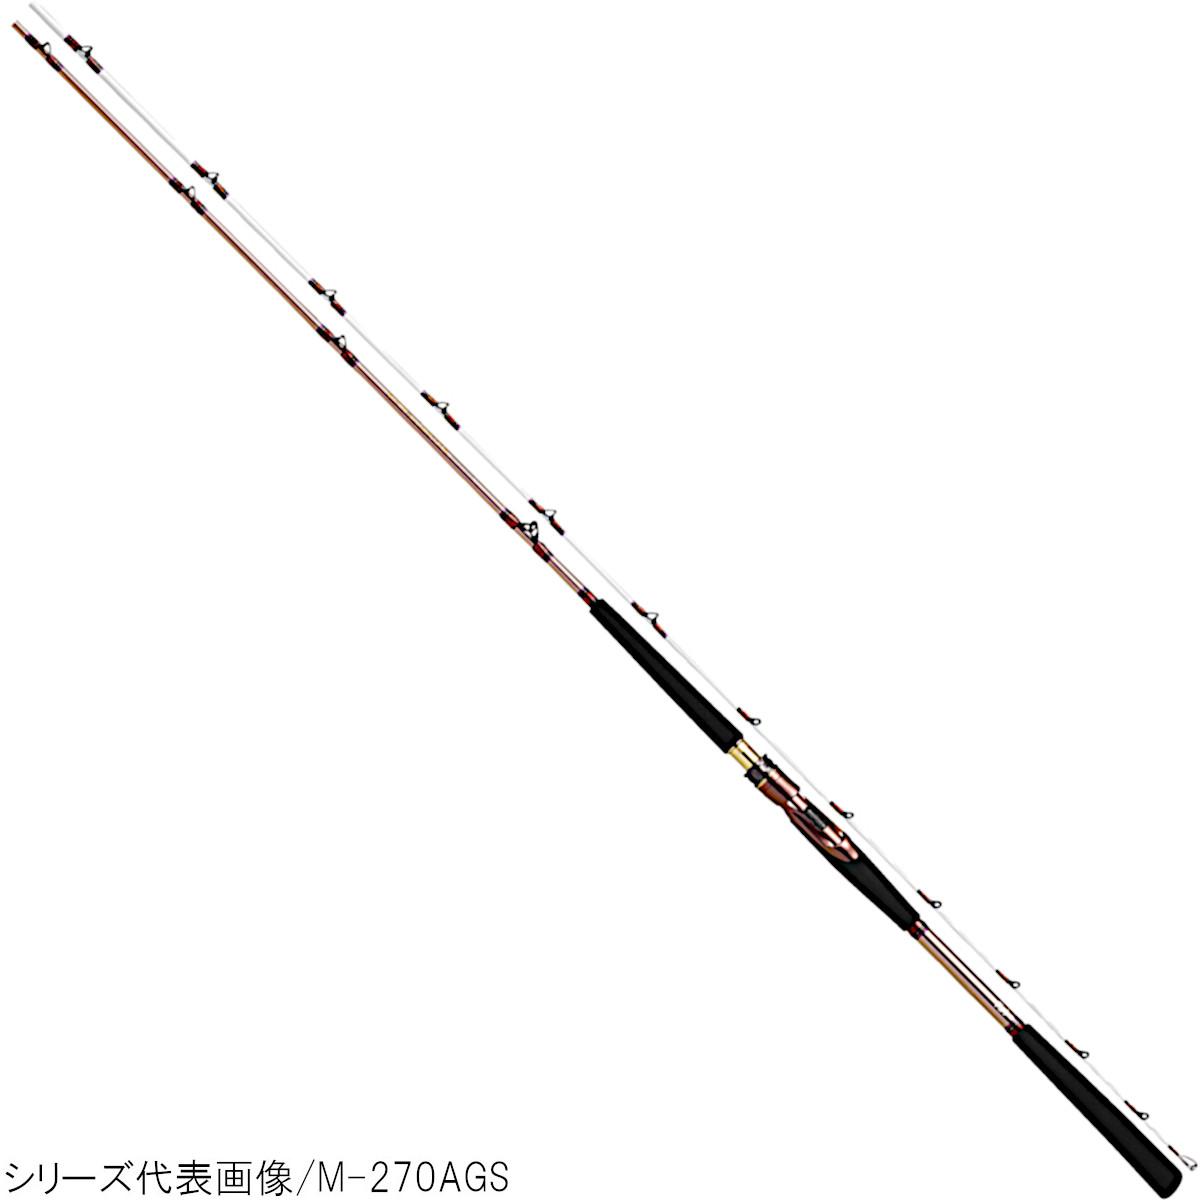 ダイワ リーオマスター真鯛AIR SS-300AGS【大型商品】